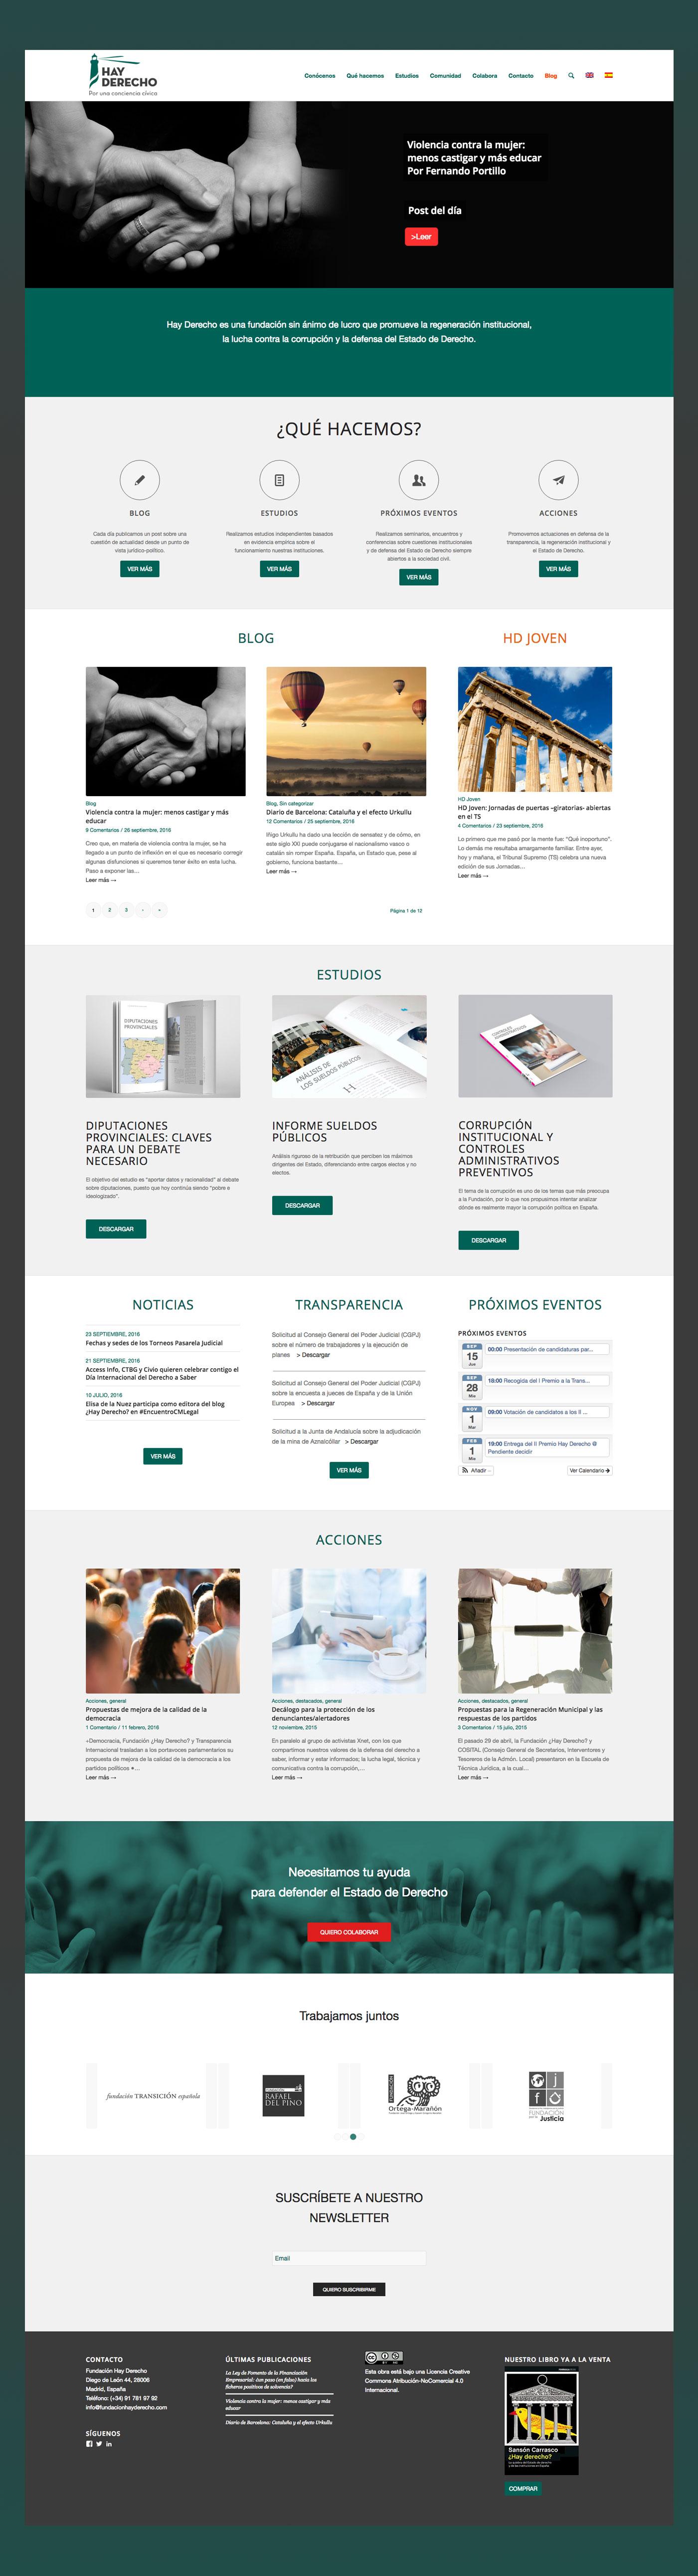 fundacion-hay-derecho-diseno-grafico-web